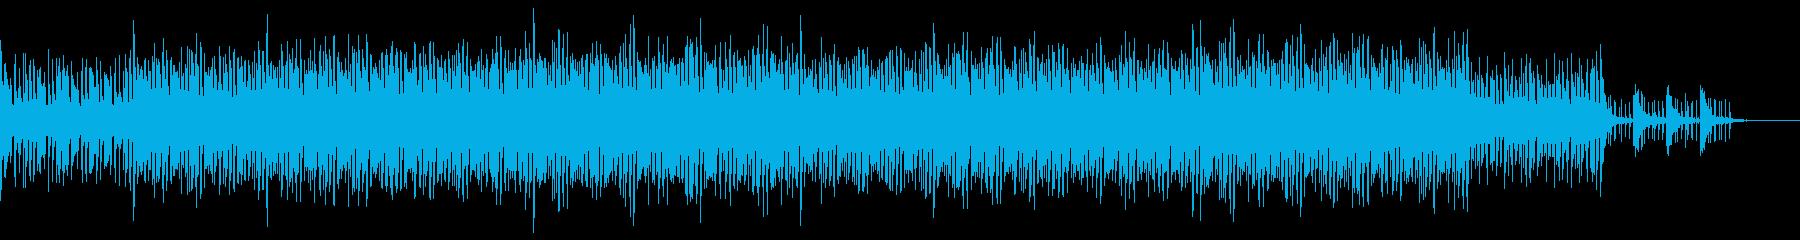 どこかもの悲しいジャズテイストのBGMの再生済みの波形